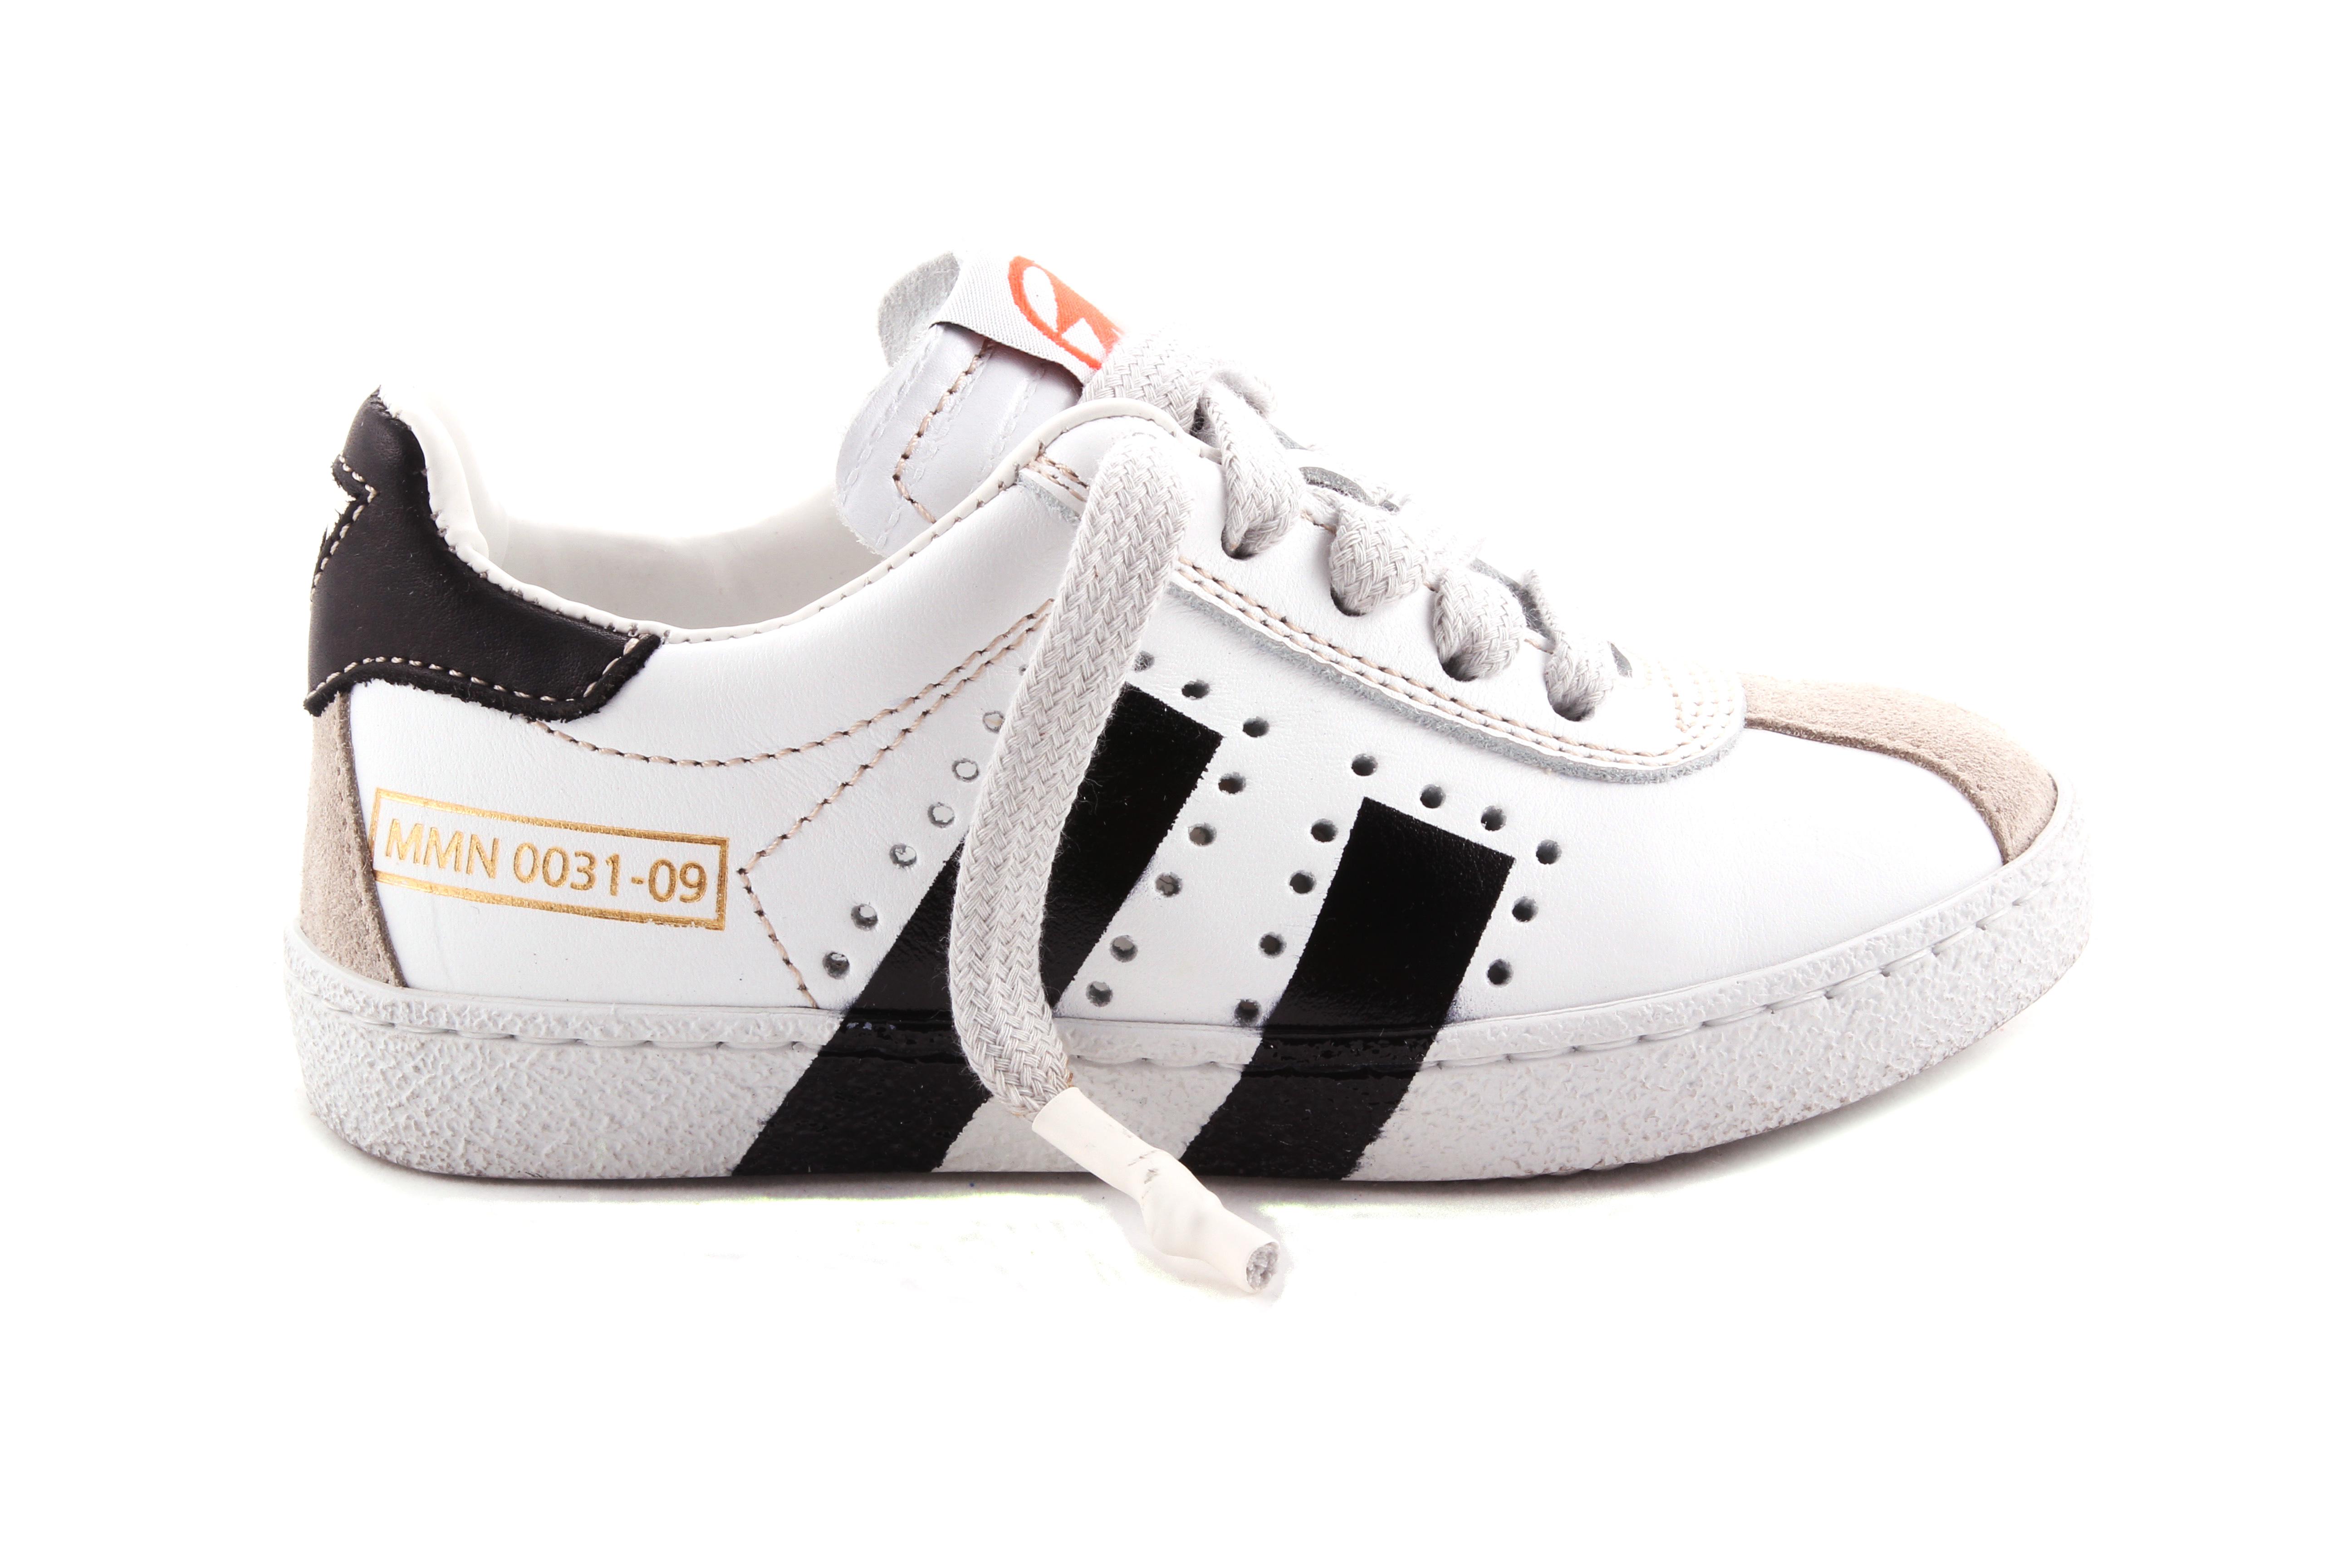 Sneaker Veter En Rits Wit Met 2 Zwarte Strepen